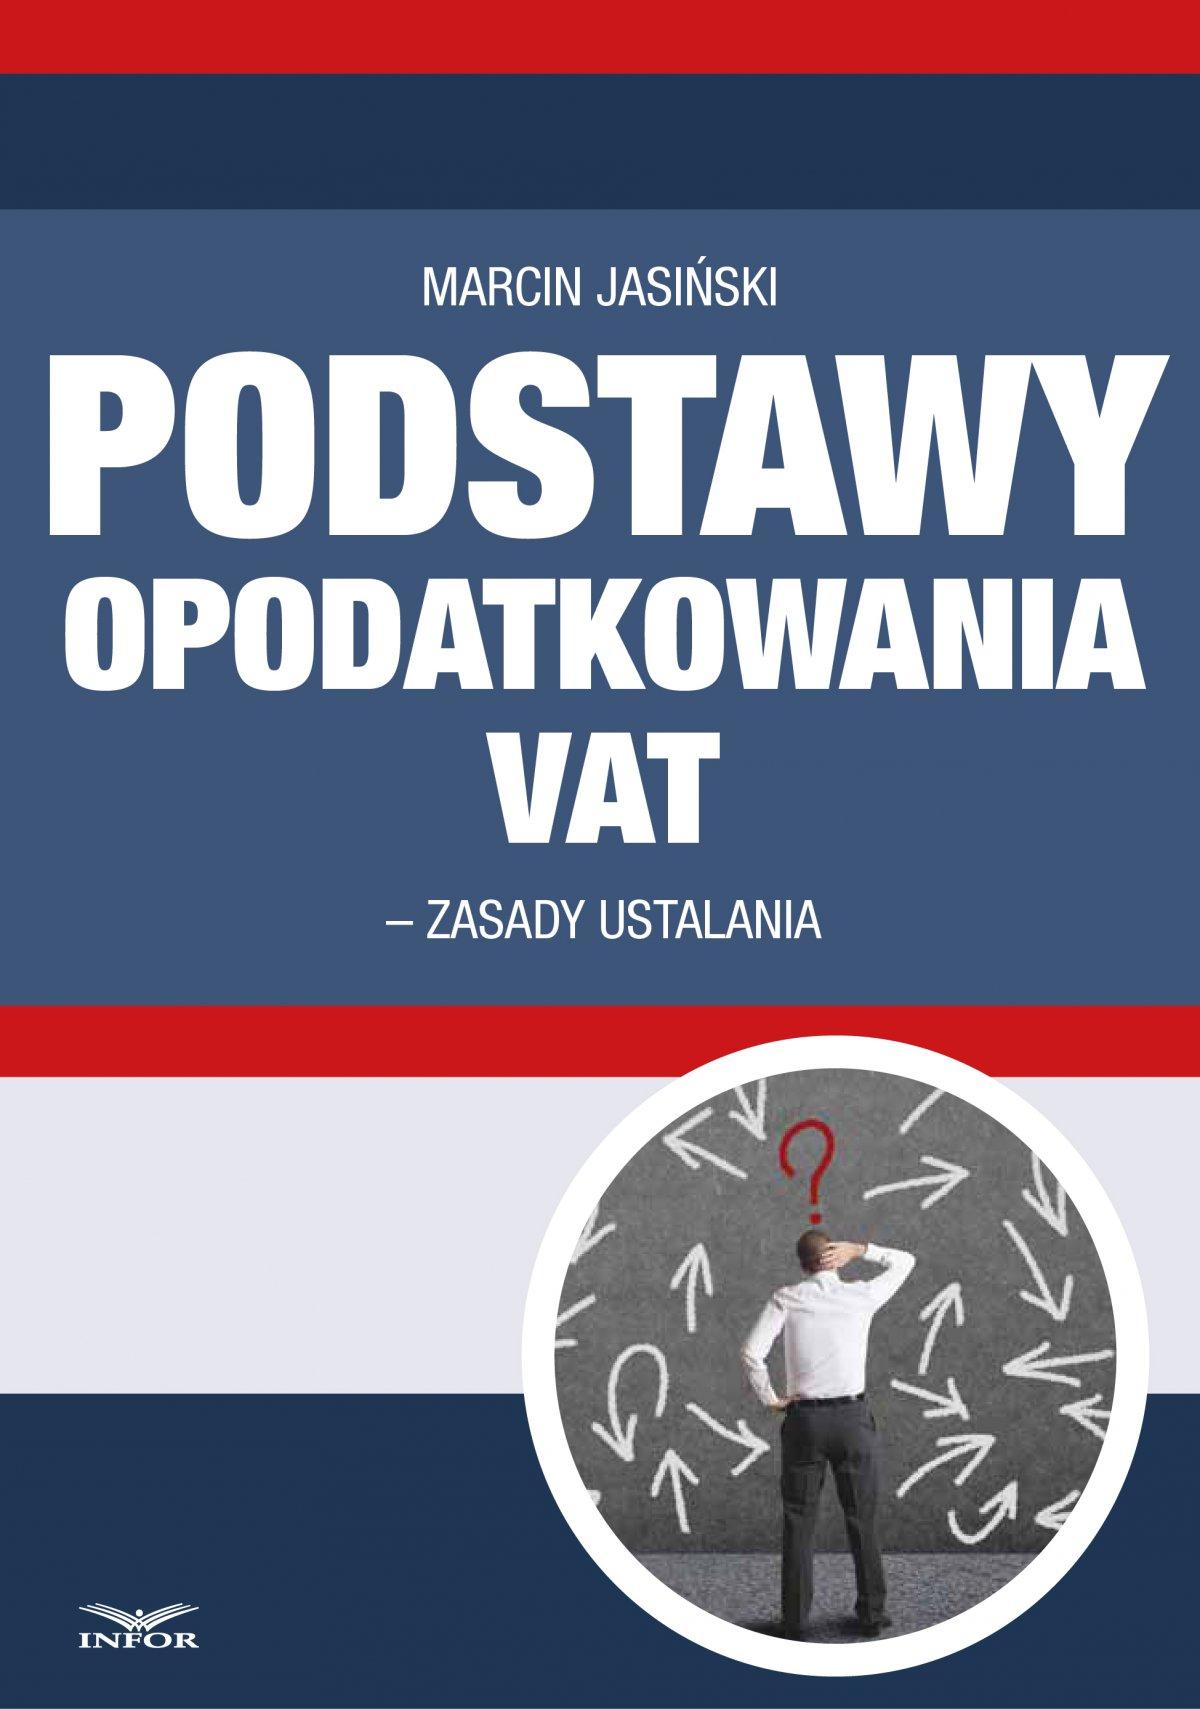 Podstawa opodatkowania VAT 2014 - zasady ustalania - Ebook (Książka PDF) do pobrania w formacie PDF